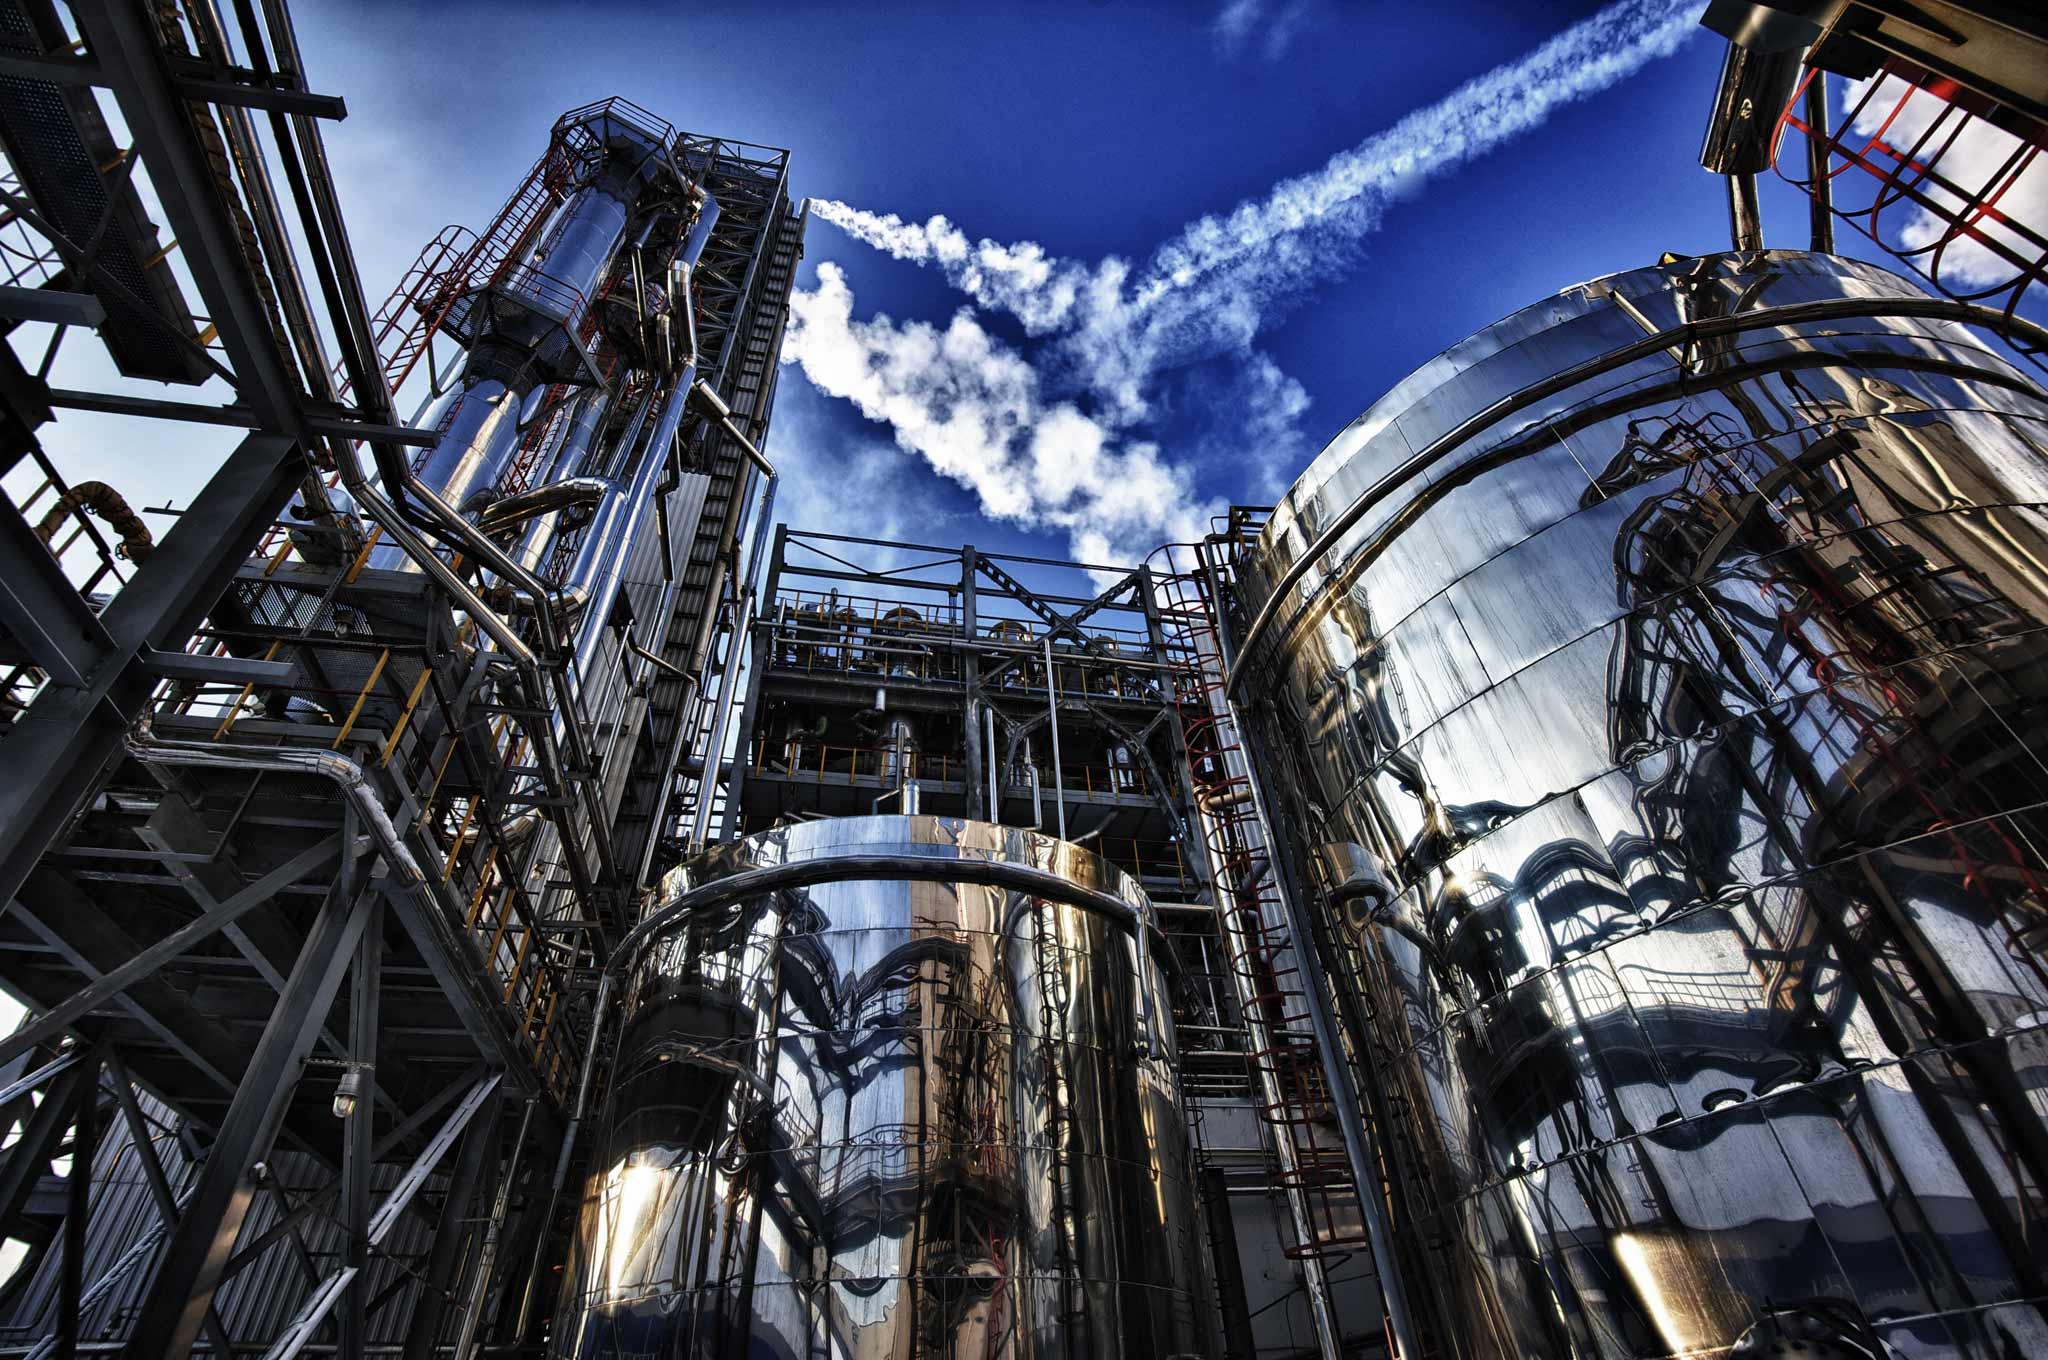 картинки промышленных предприятий электробот строй кригсмарине